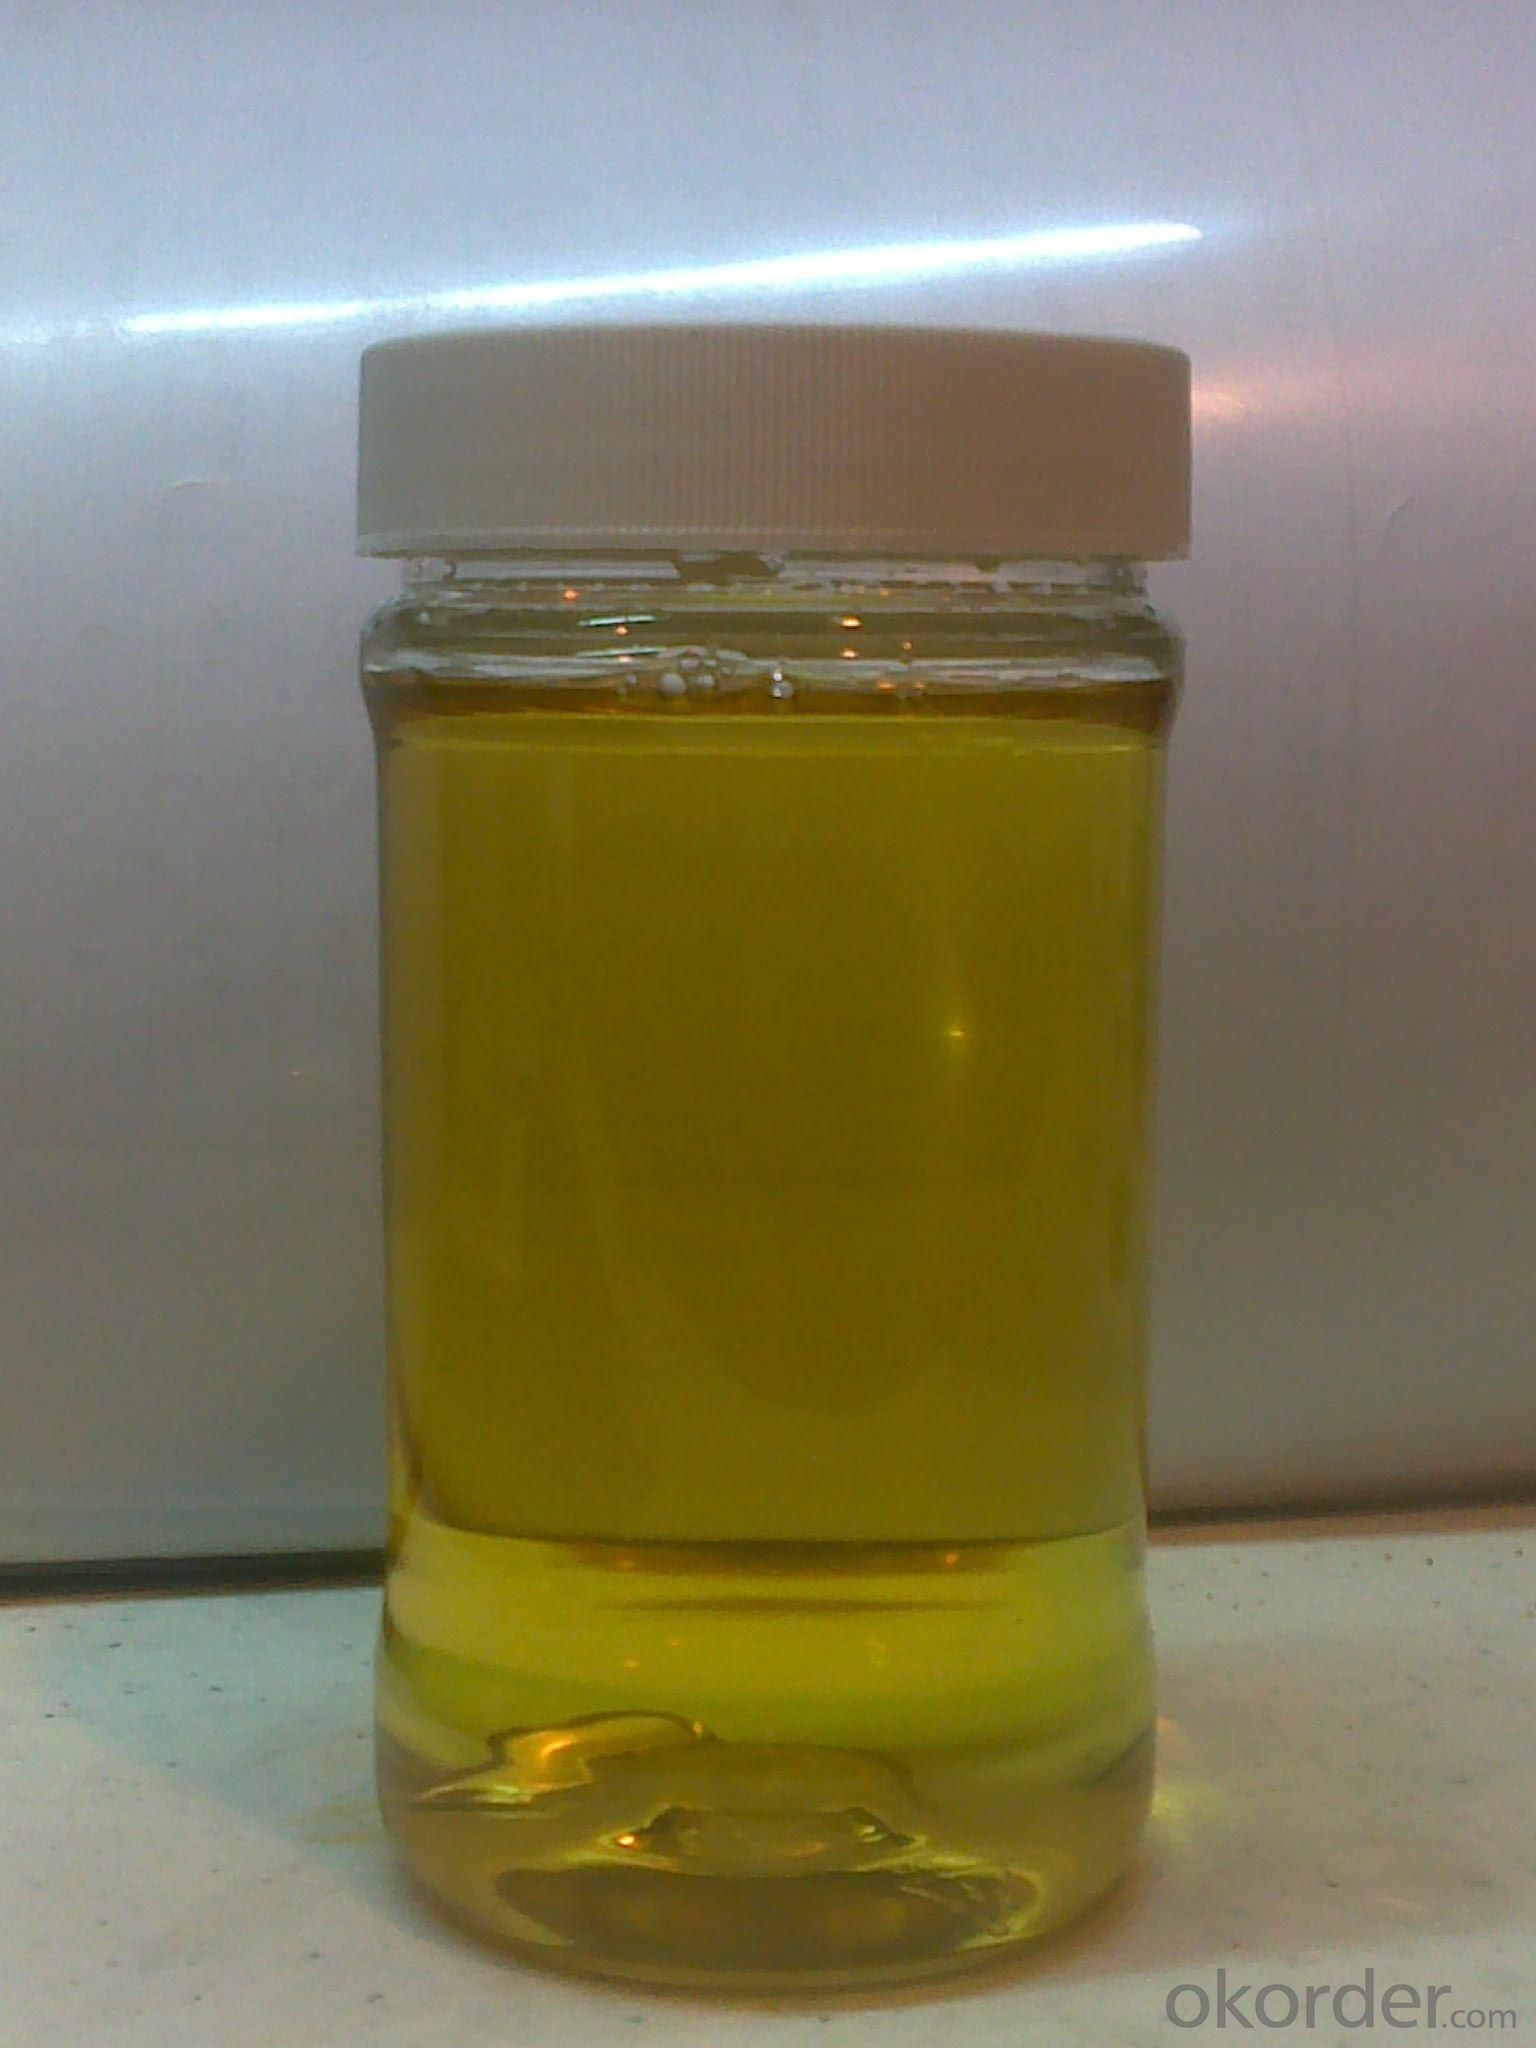 Hydrogen peroxide stabilizer